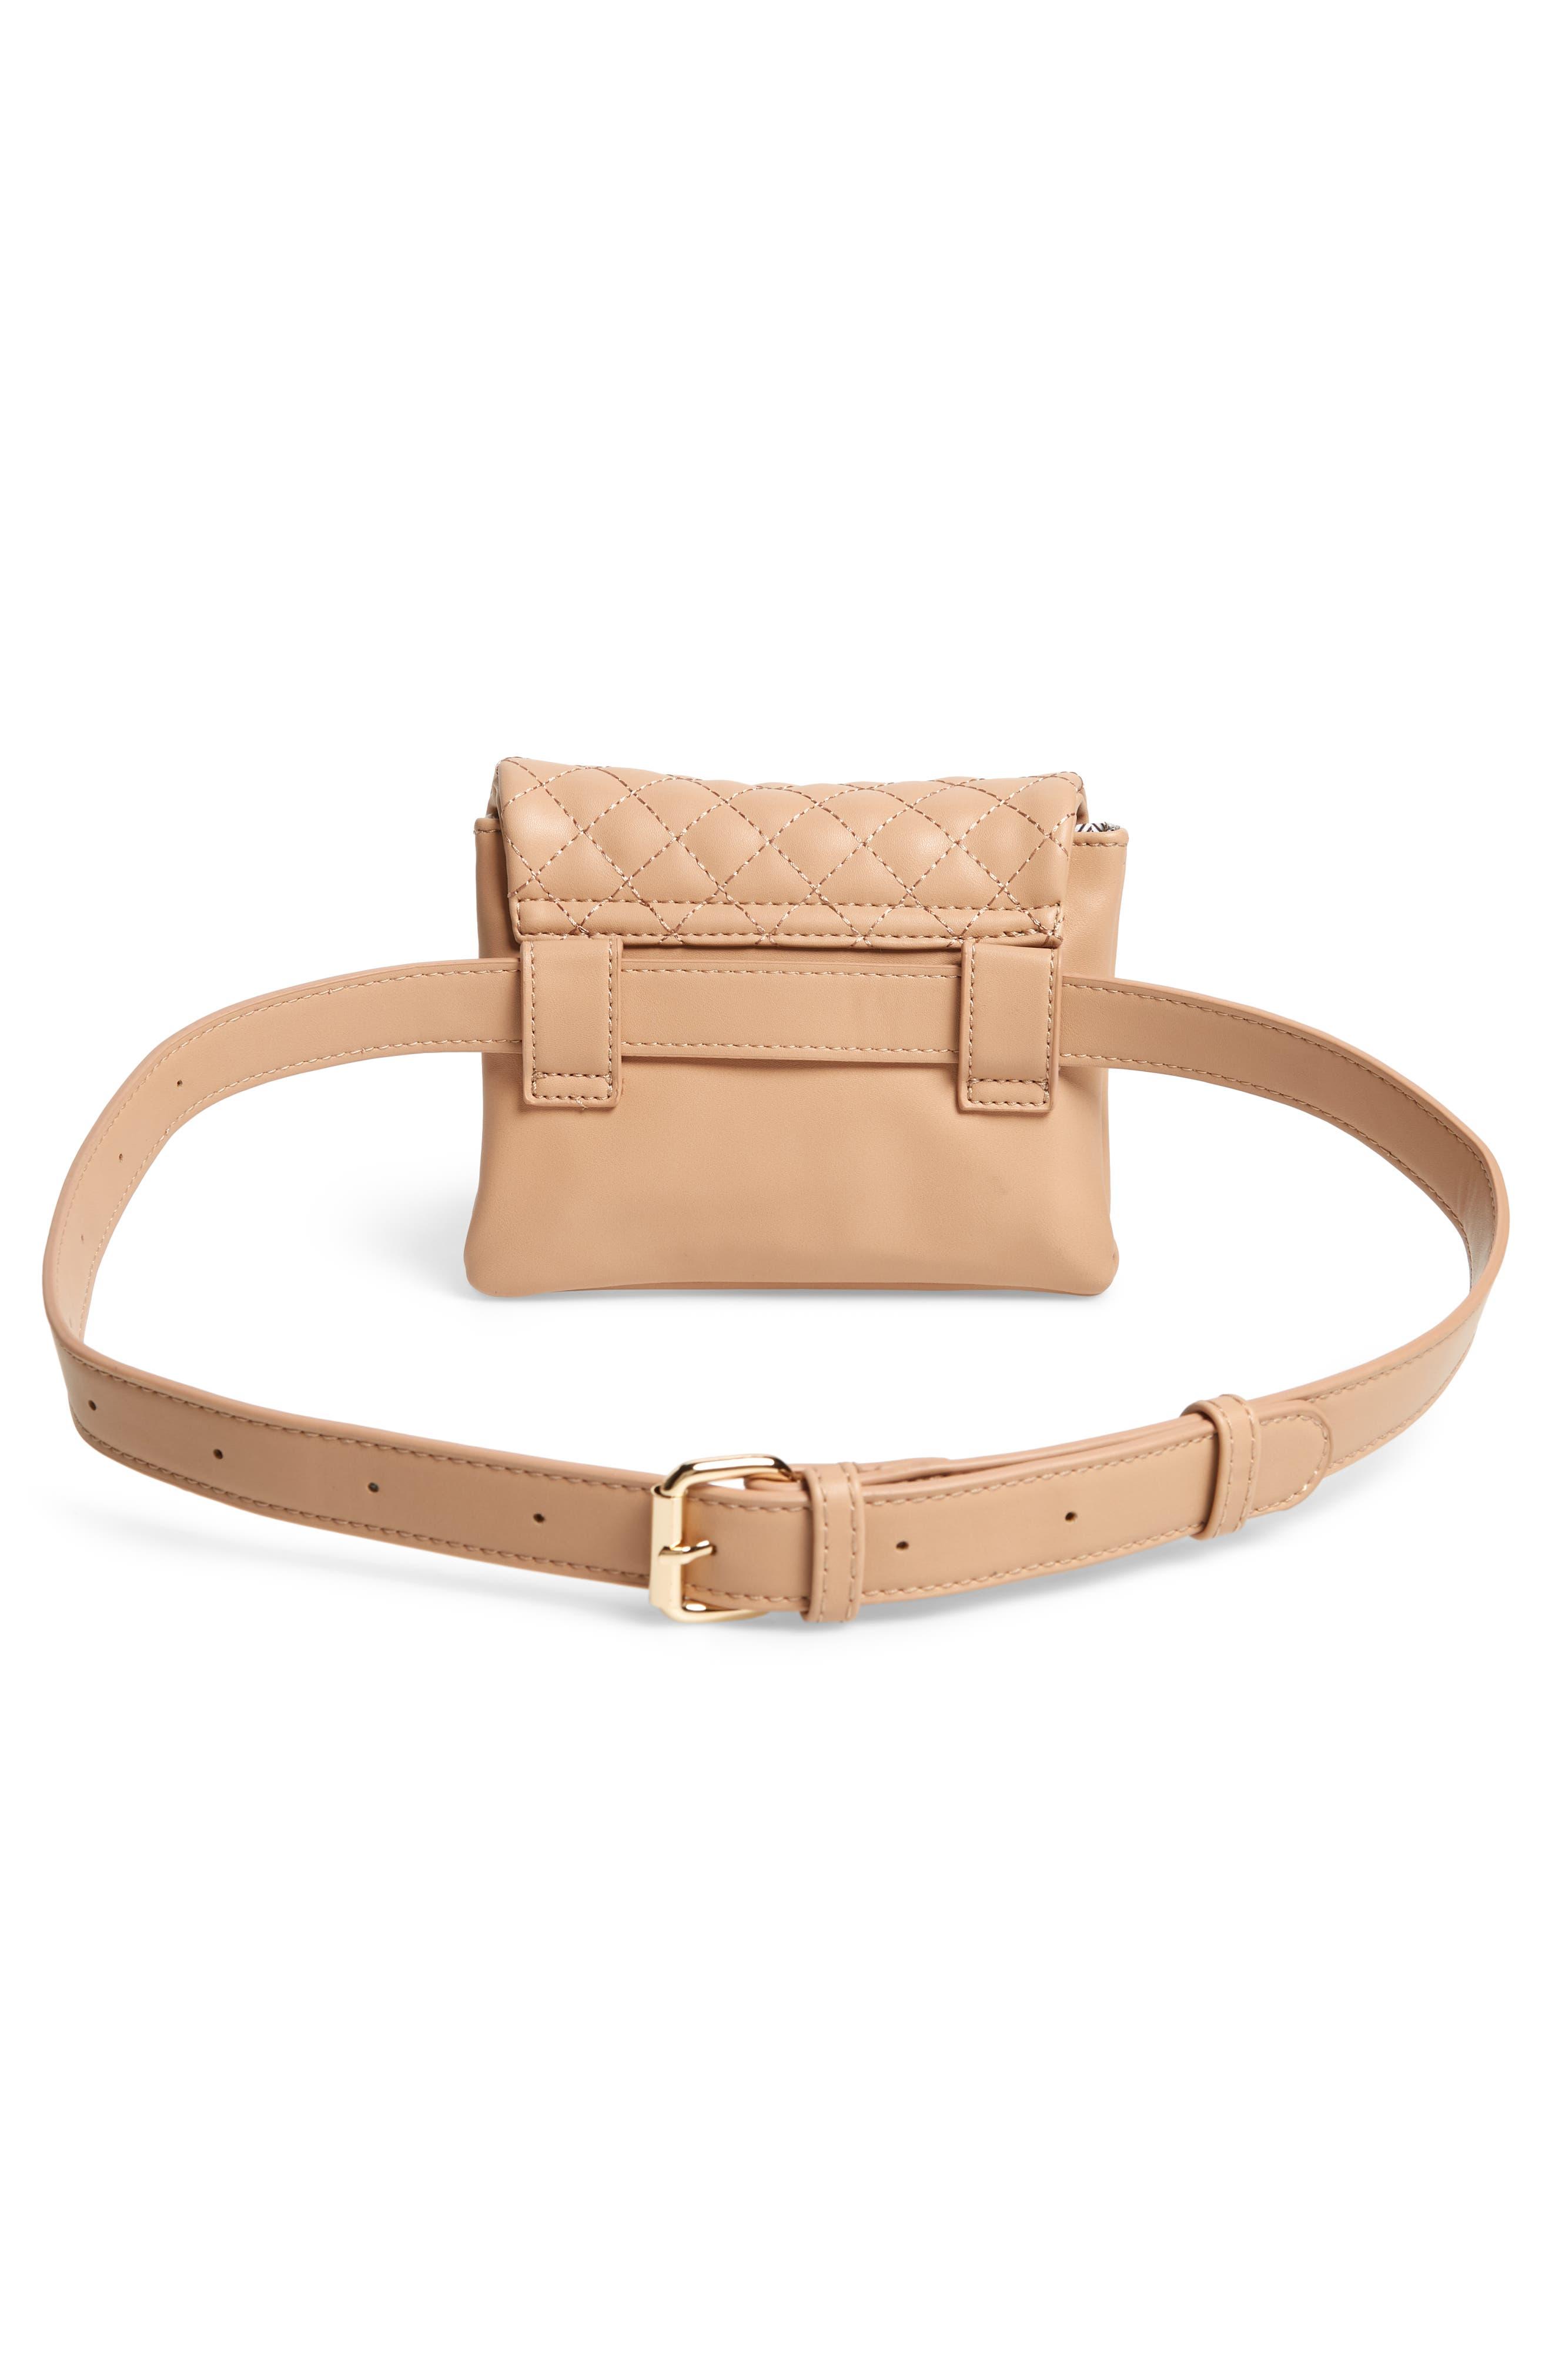 Mali + Lili Quilted Vegan Leather Belt Bag,                             Alternate thumbnail 5, color,                             CAMEL